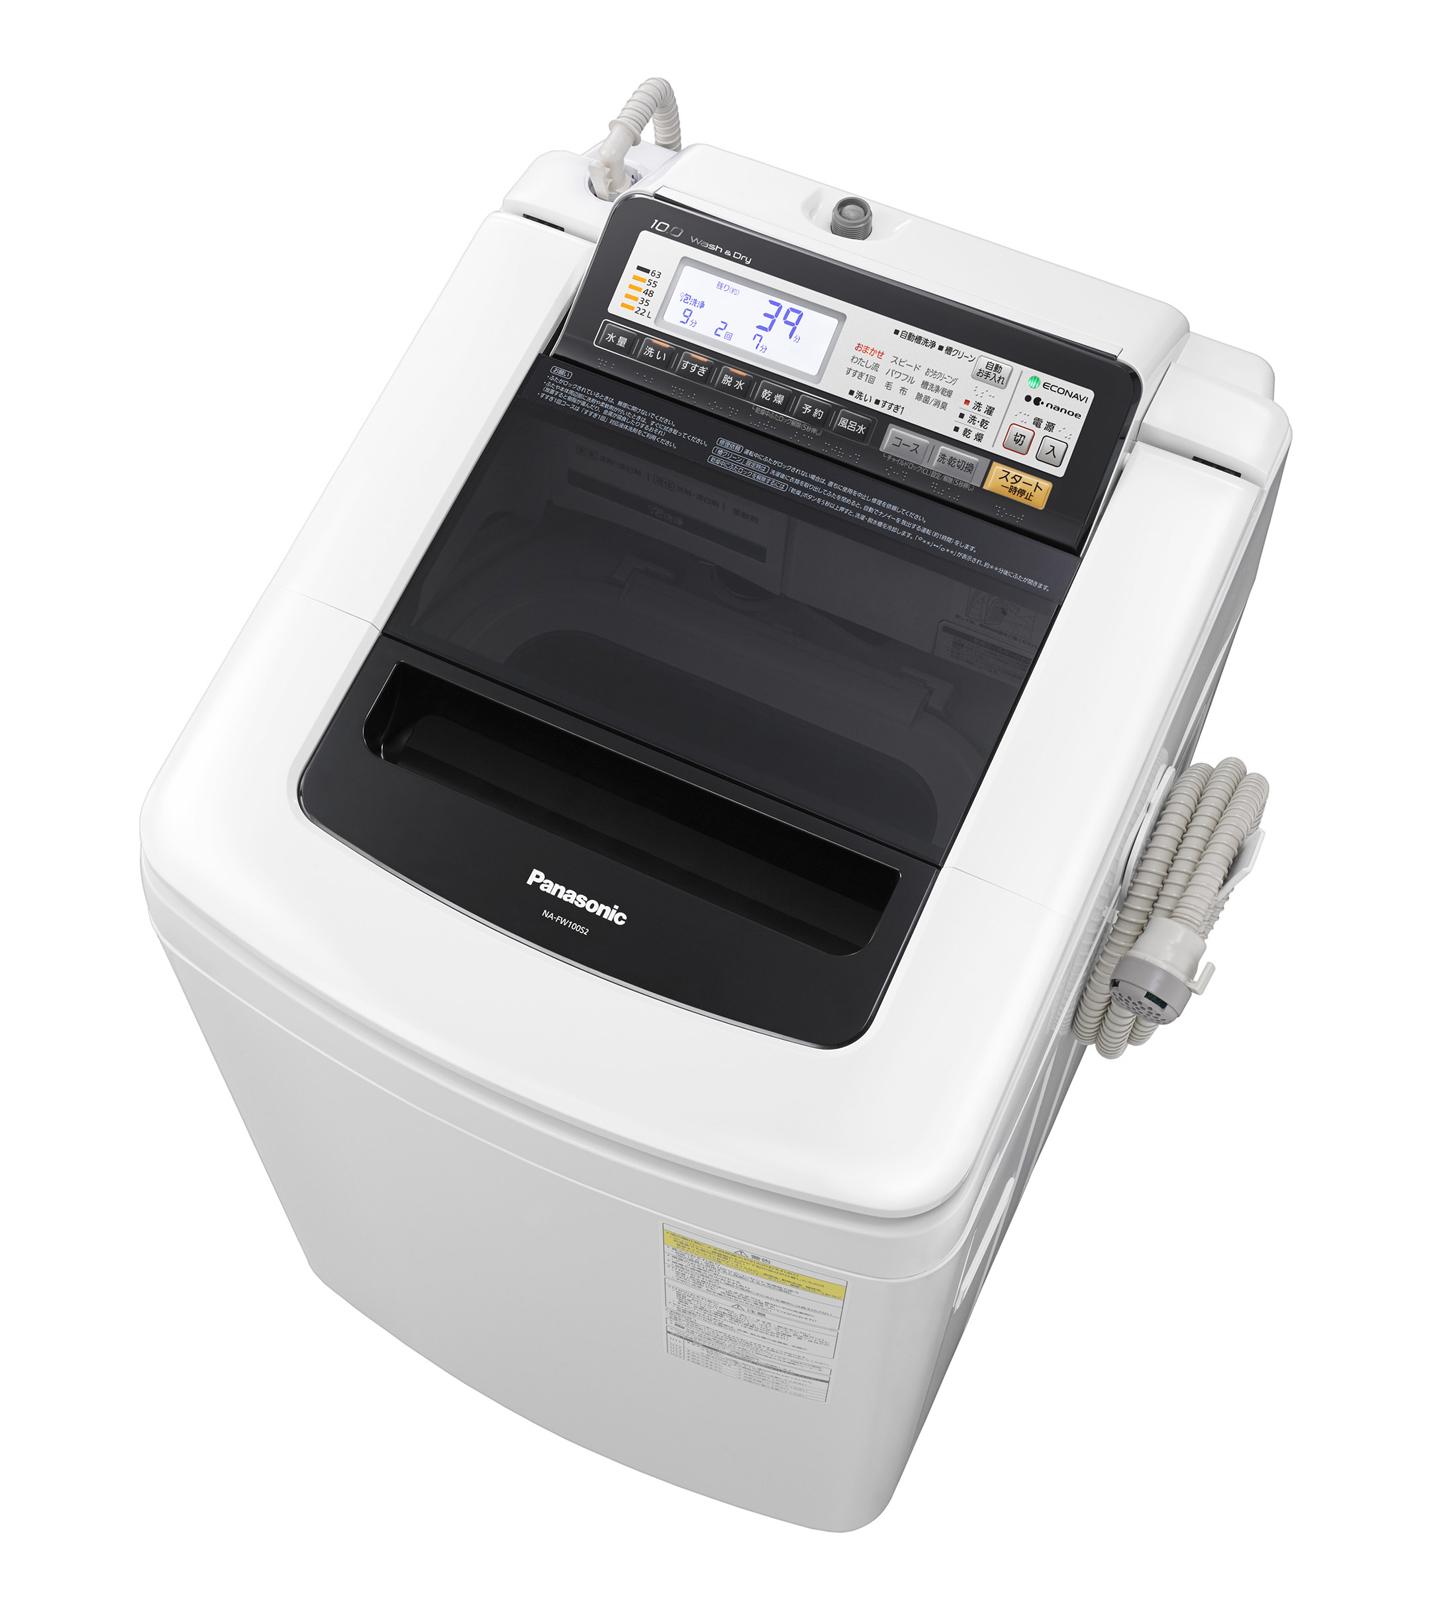 縦型洗濯乾燥機の新モデル。「NA-FW100S2」(ブラック)